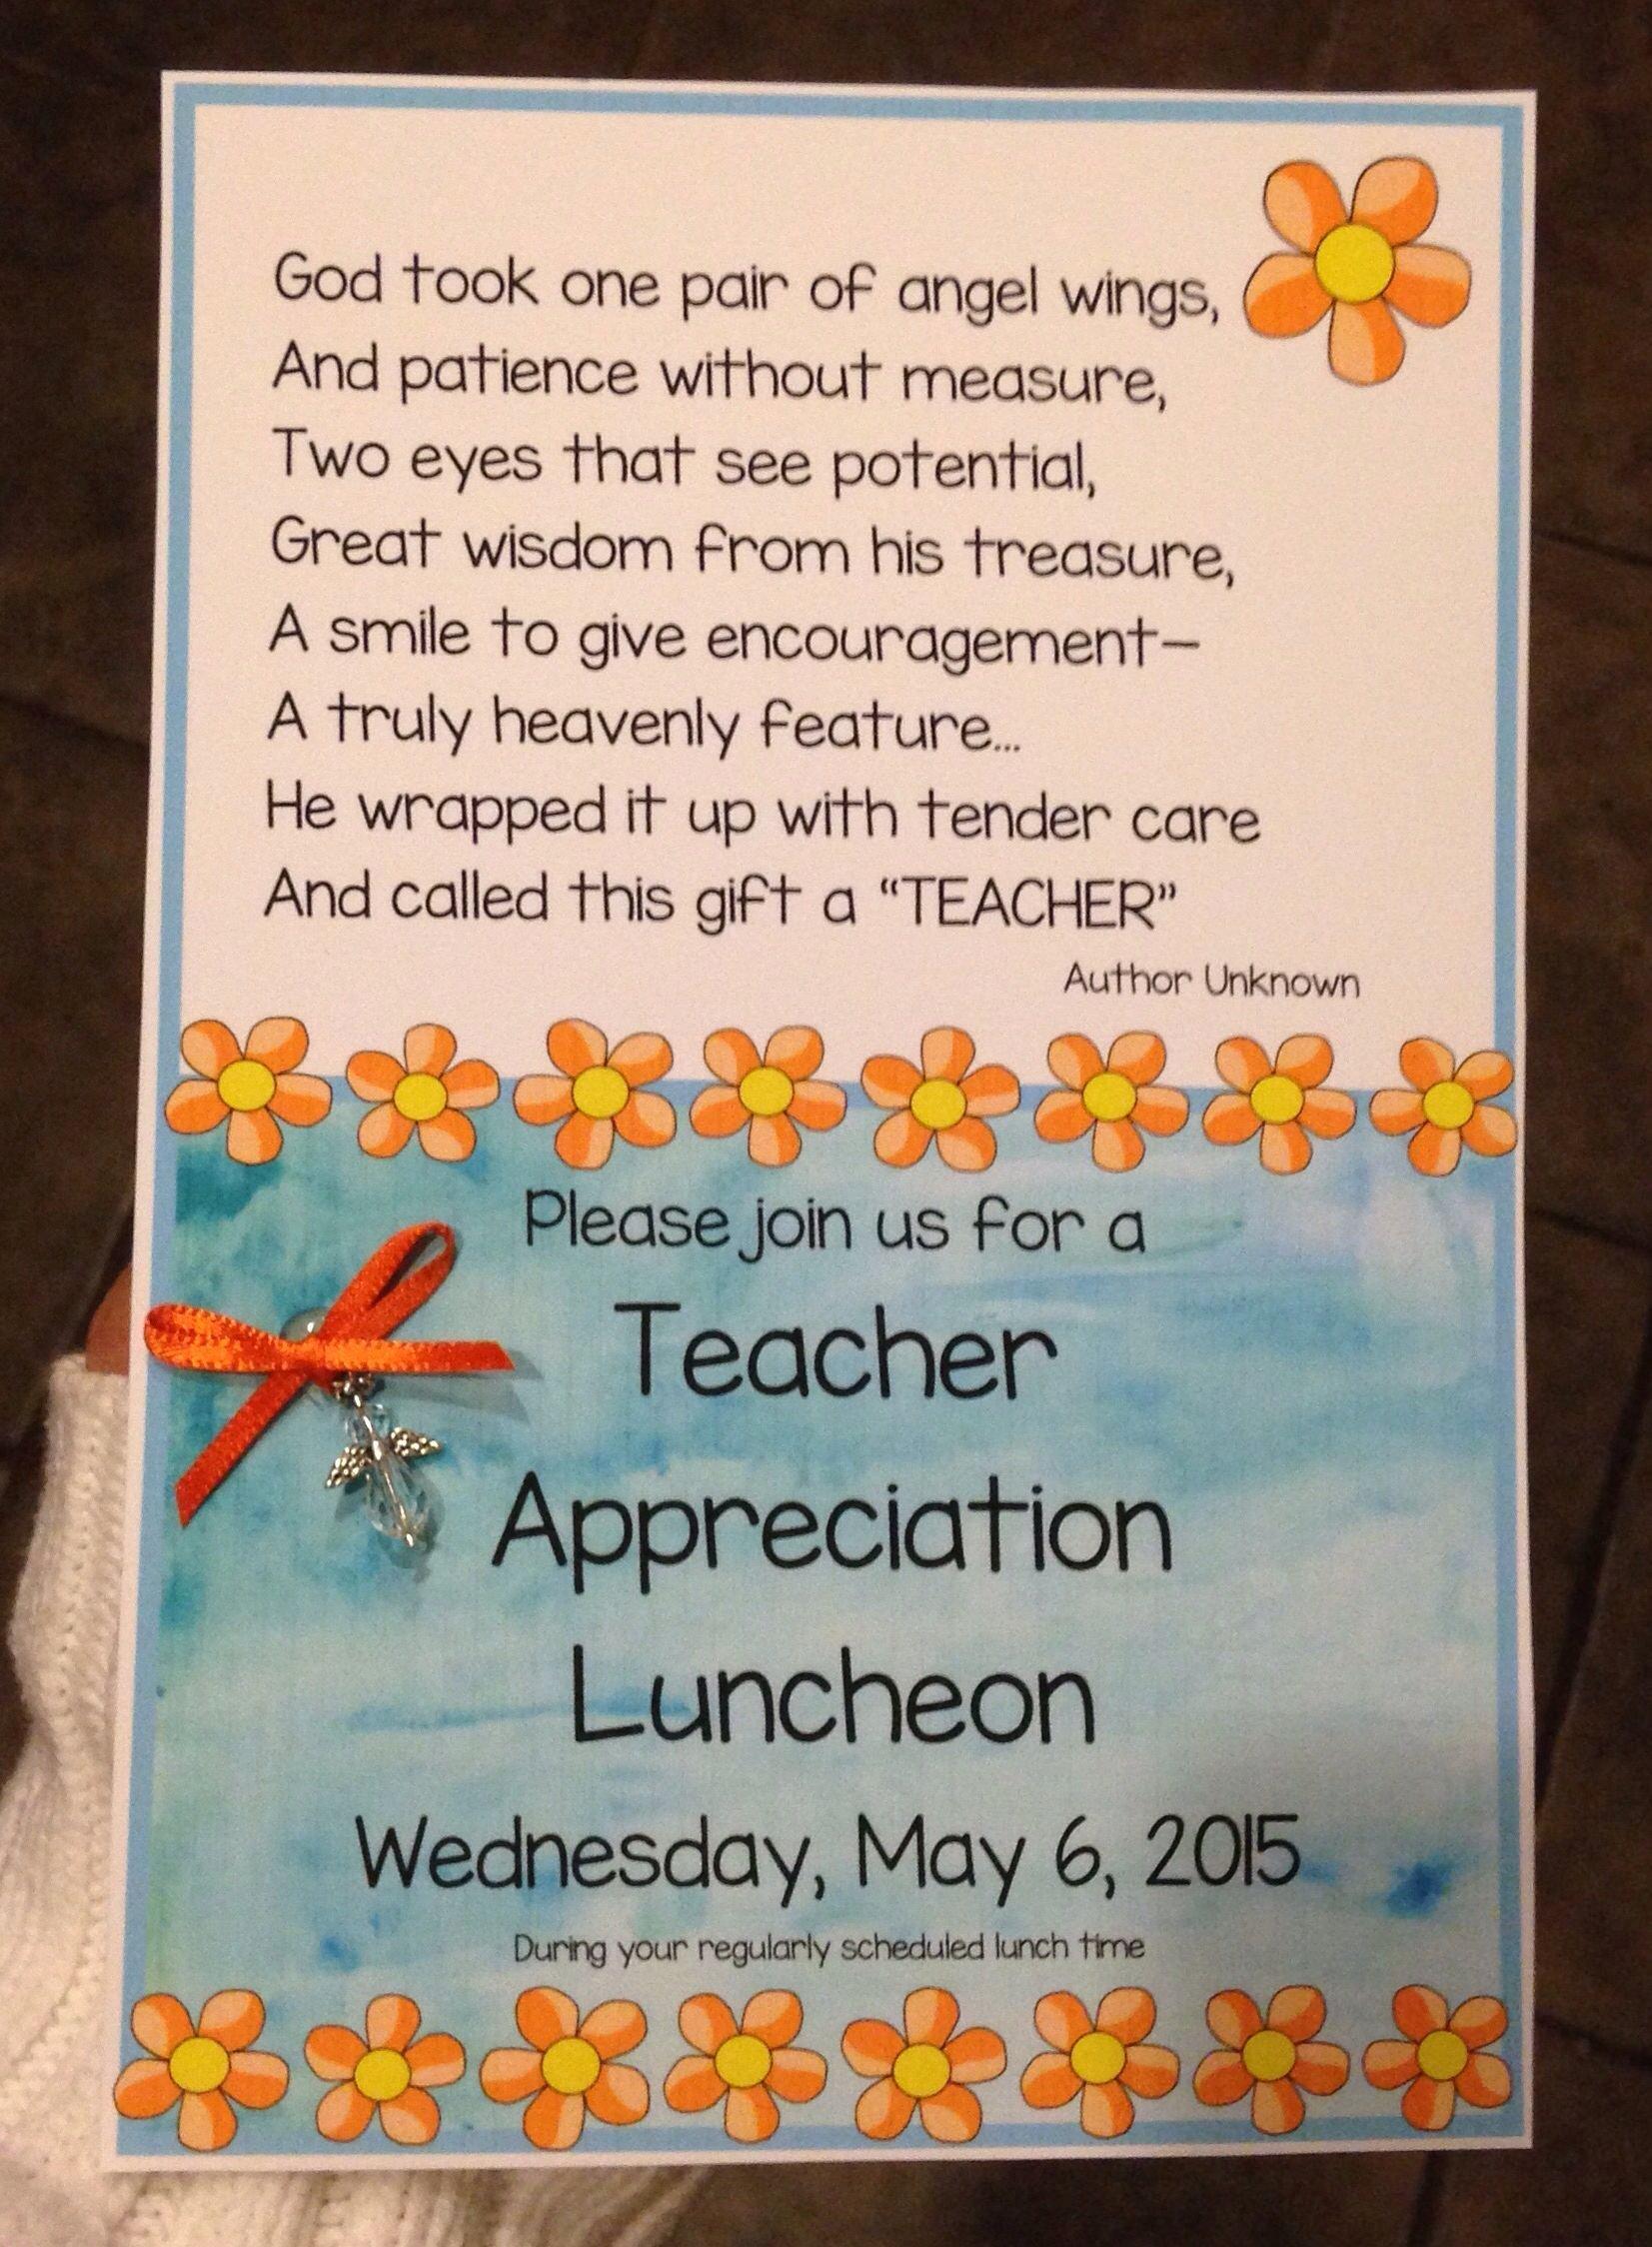 Teacher Appreciation Luncheon Invitation Elegant Teacher Appreciation Luncheon Invitation …